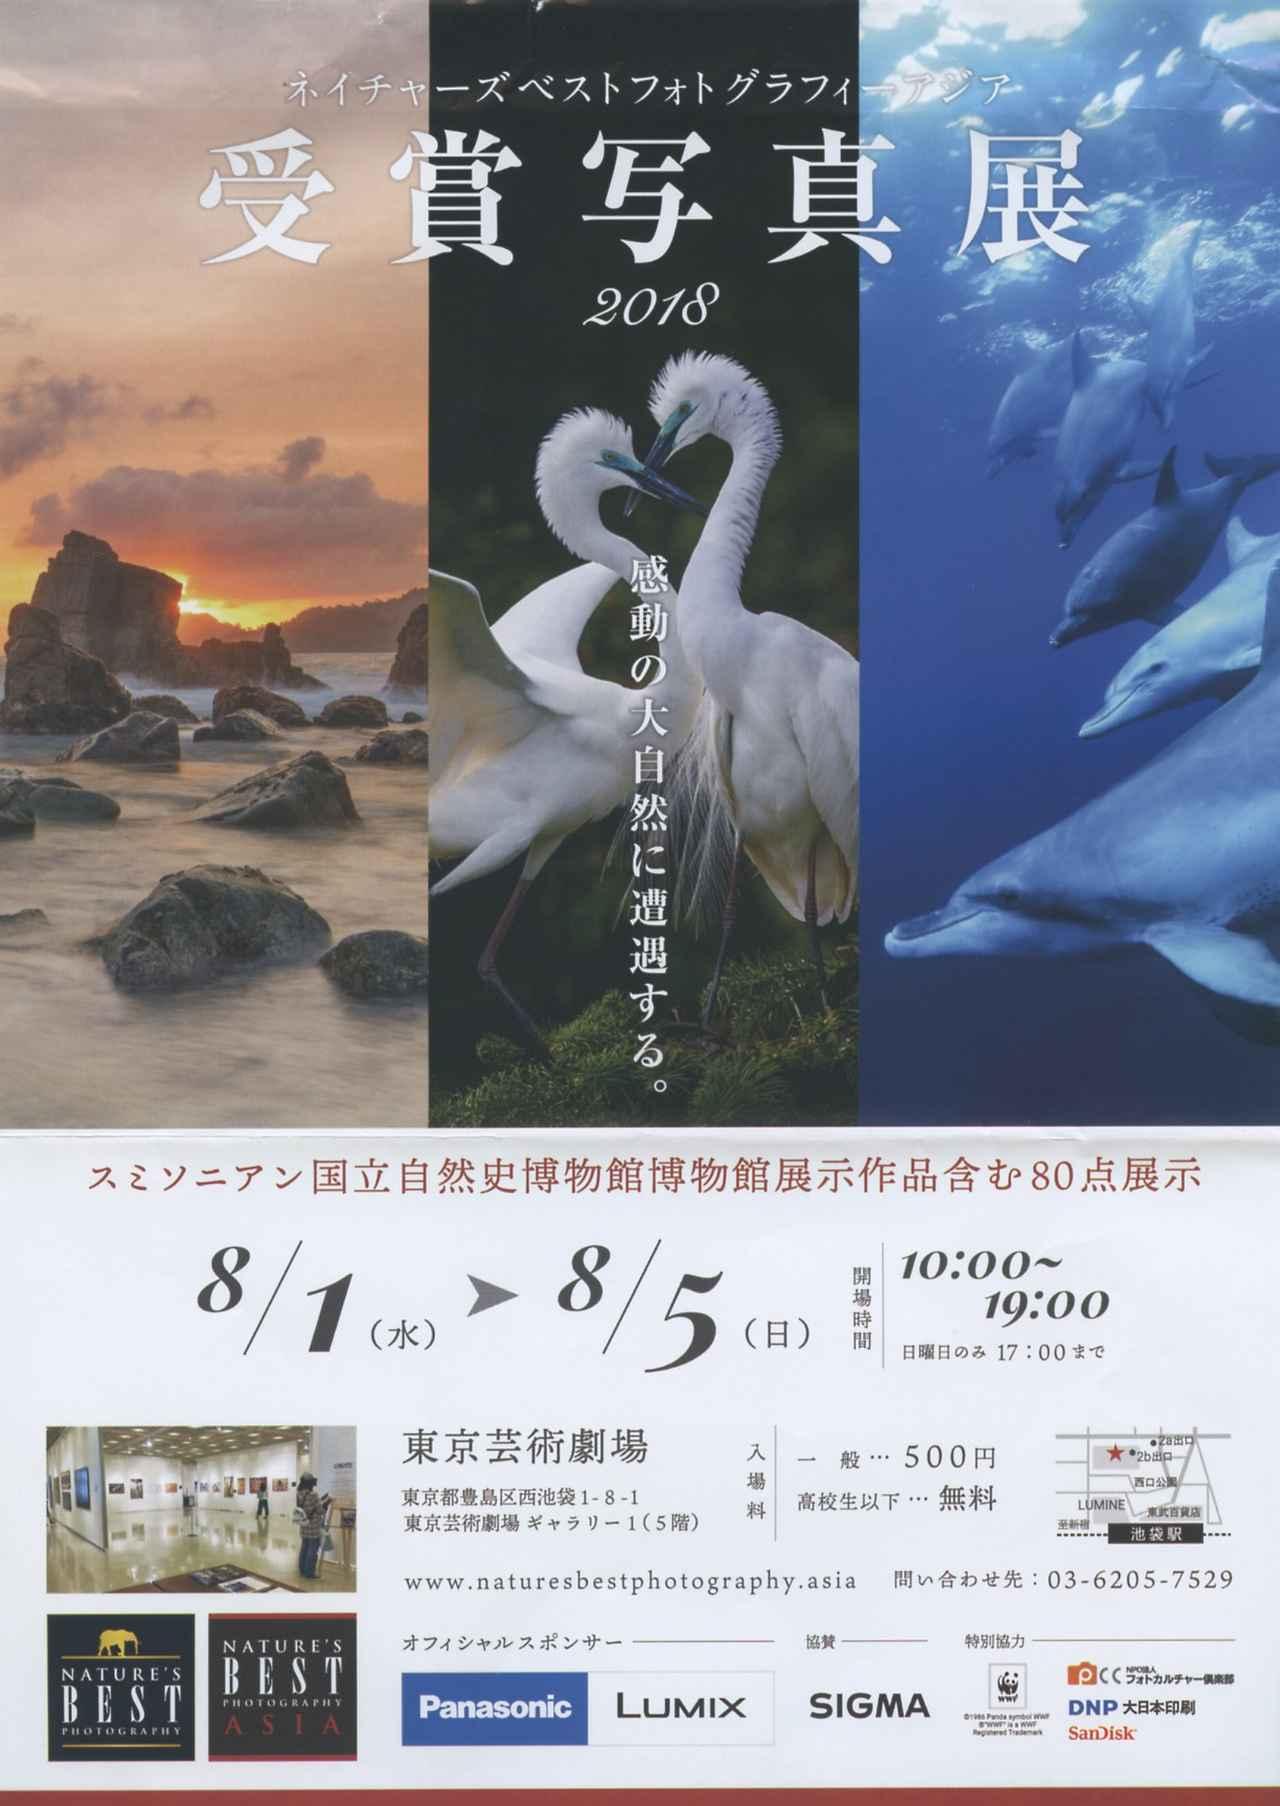 画像1: naturesbestphotography.asia